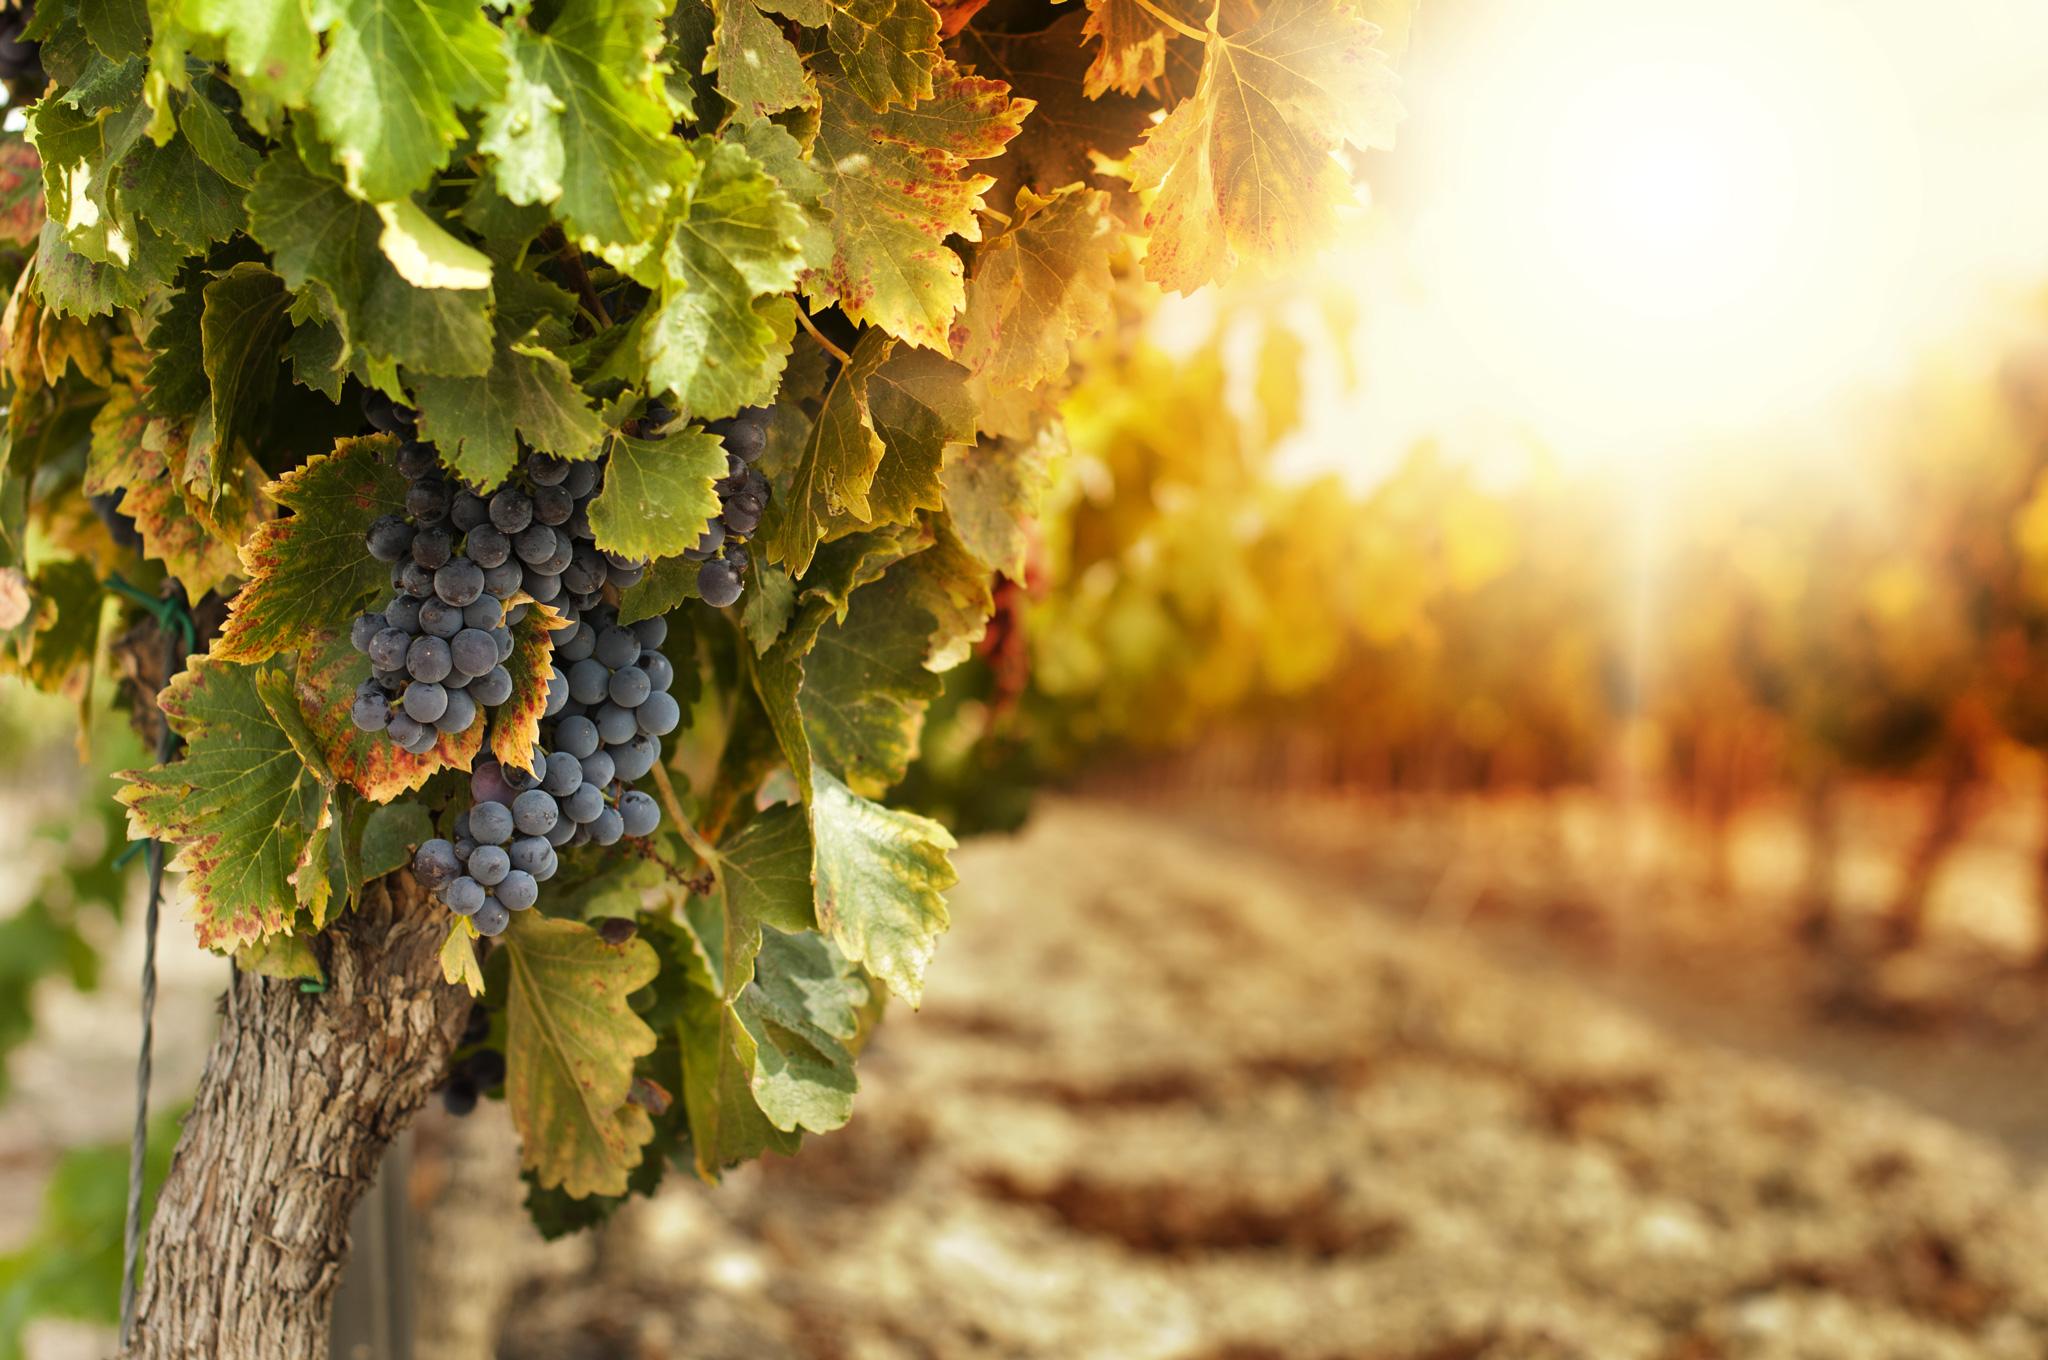 vinohrad-jizni-morava